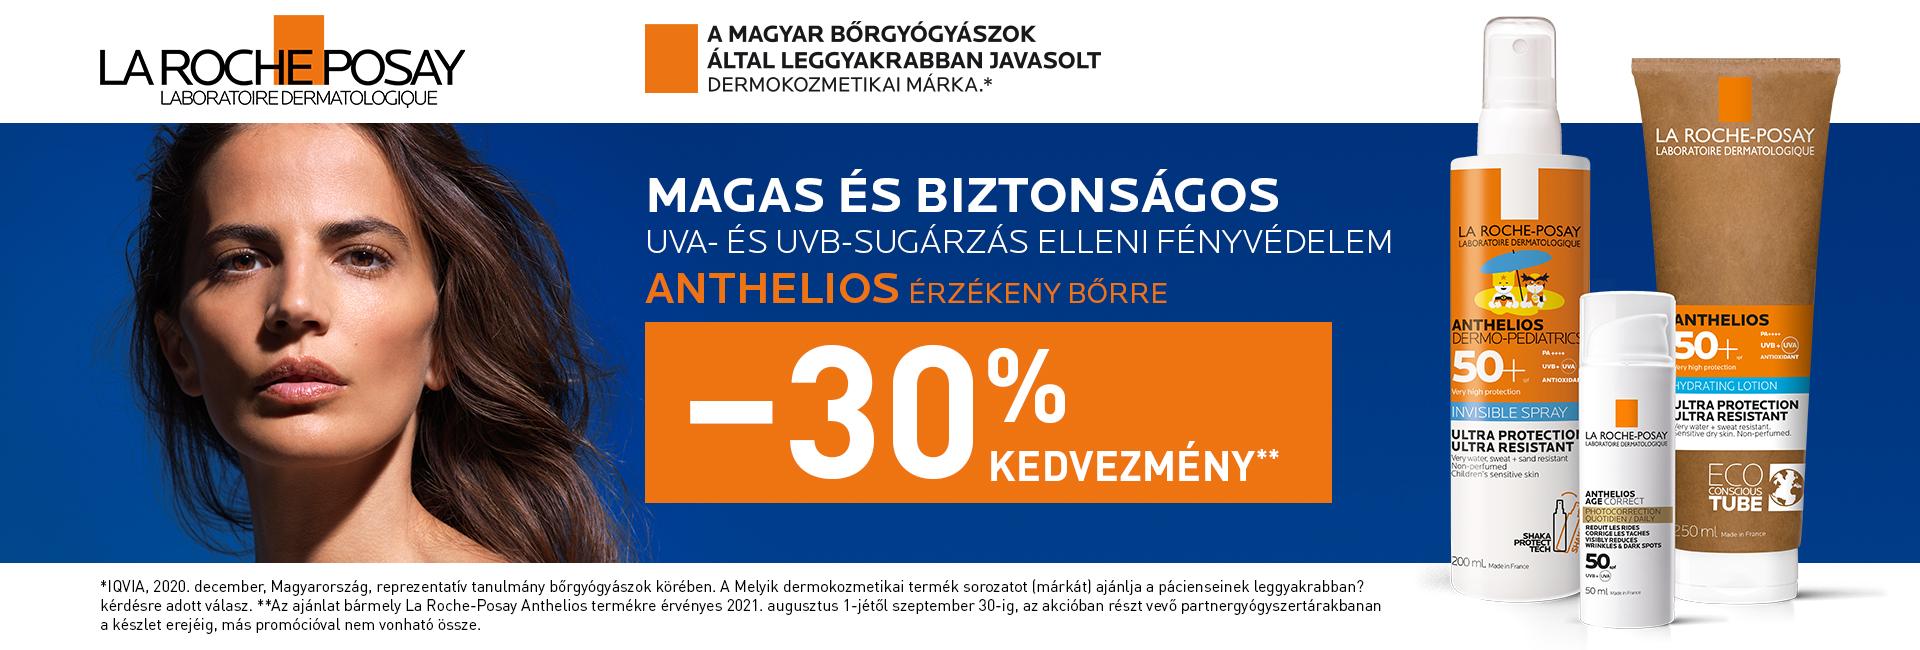 30% kedvezményt adunk minden La Rocvhe-Posay Anthelios napozóra és Posthelios napoás utáni termékre!